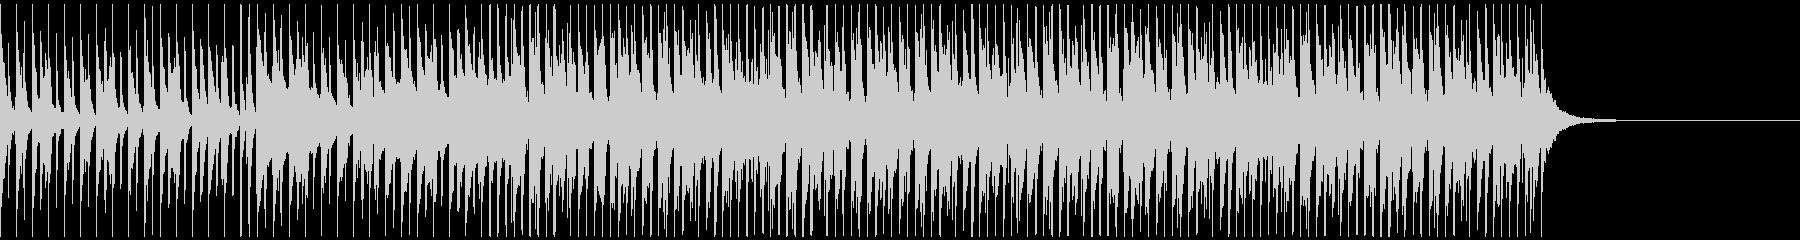 コーラス&アコースティックバンドPOPの未再生の波形